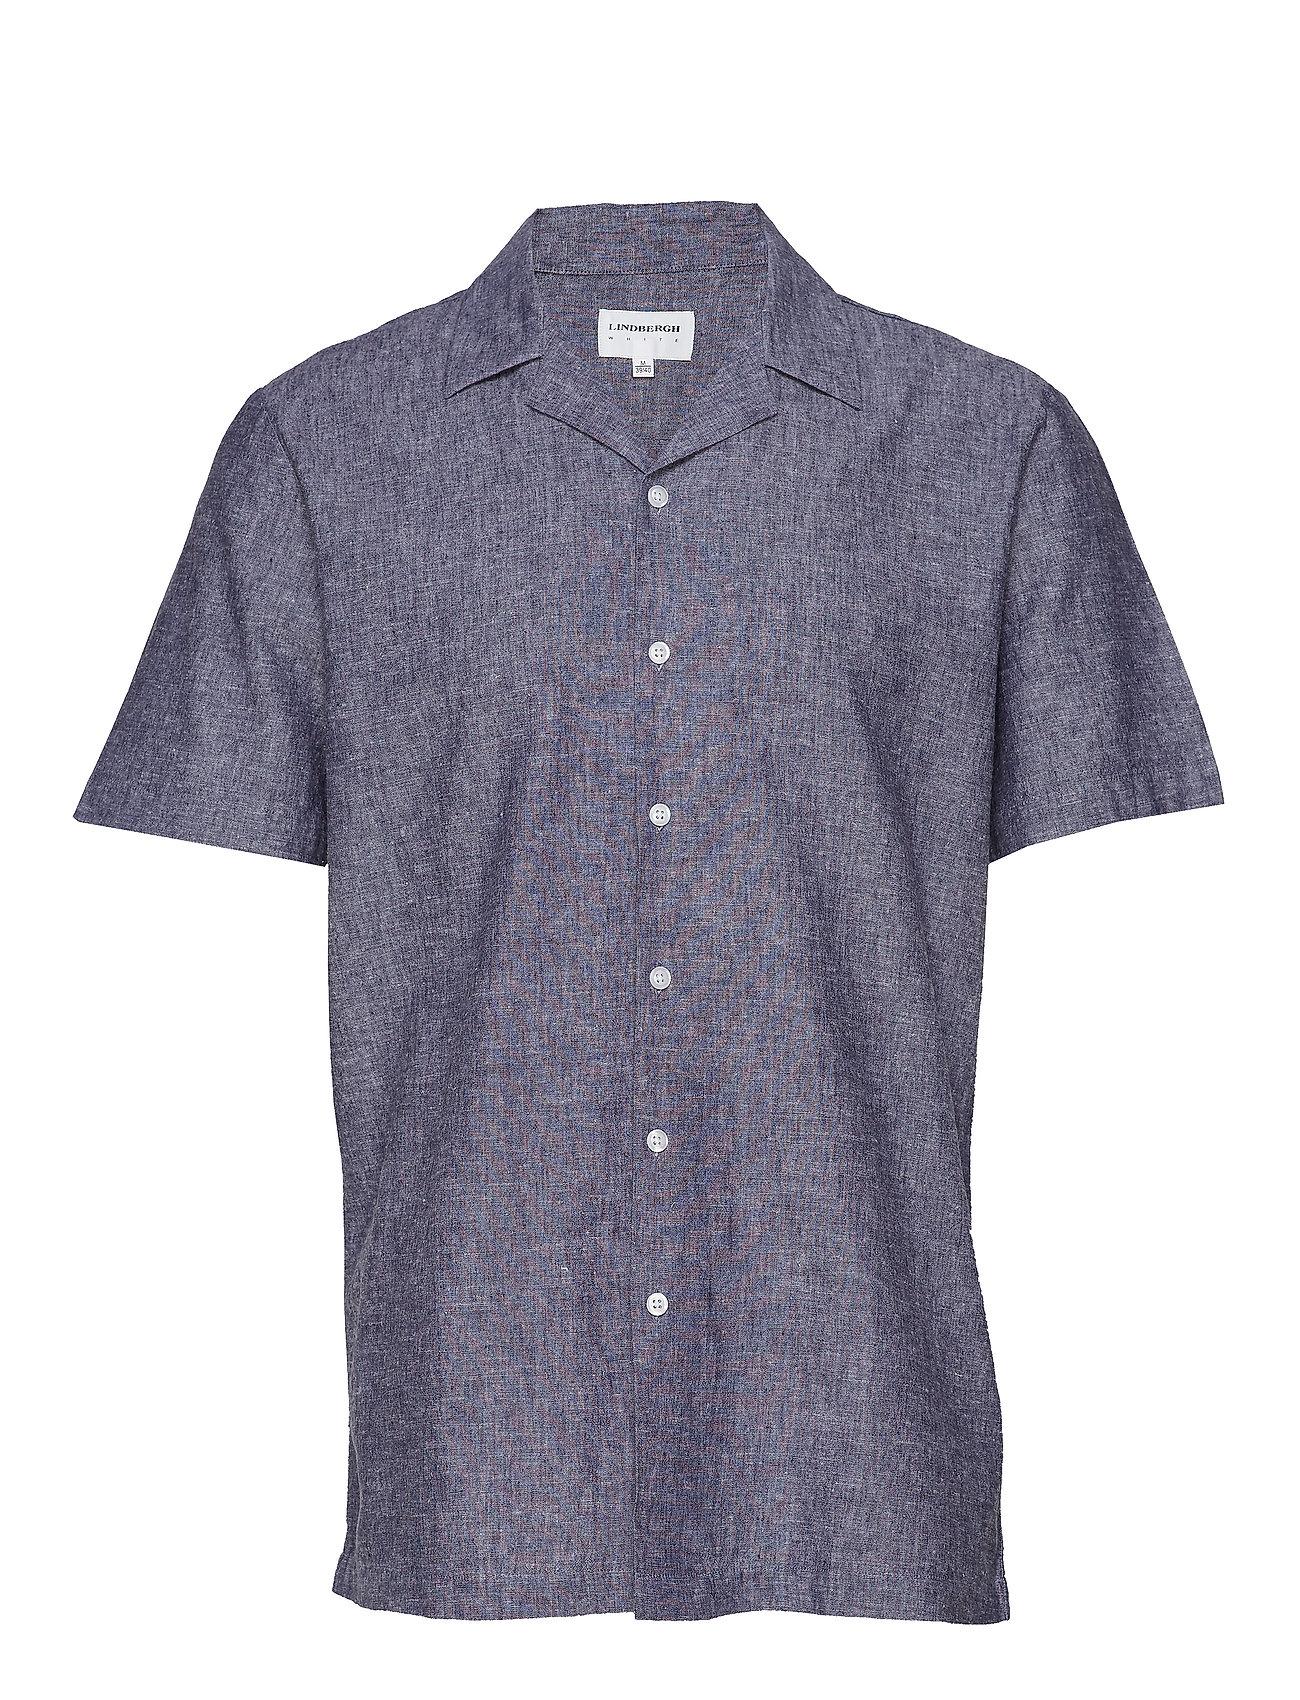 Lindbergh Linen cotton resort shirt S/S - DARK BLUE